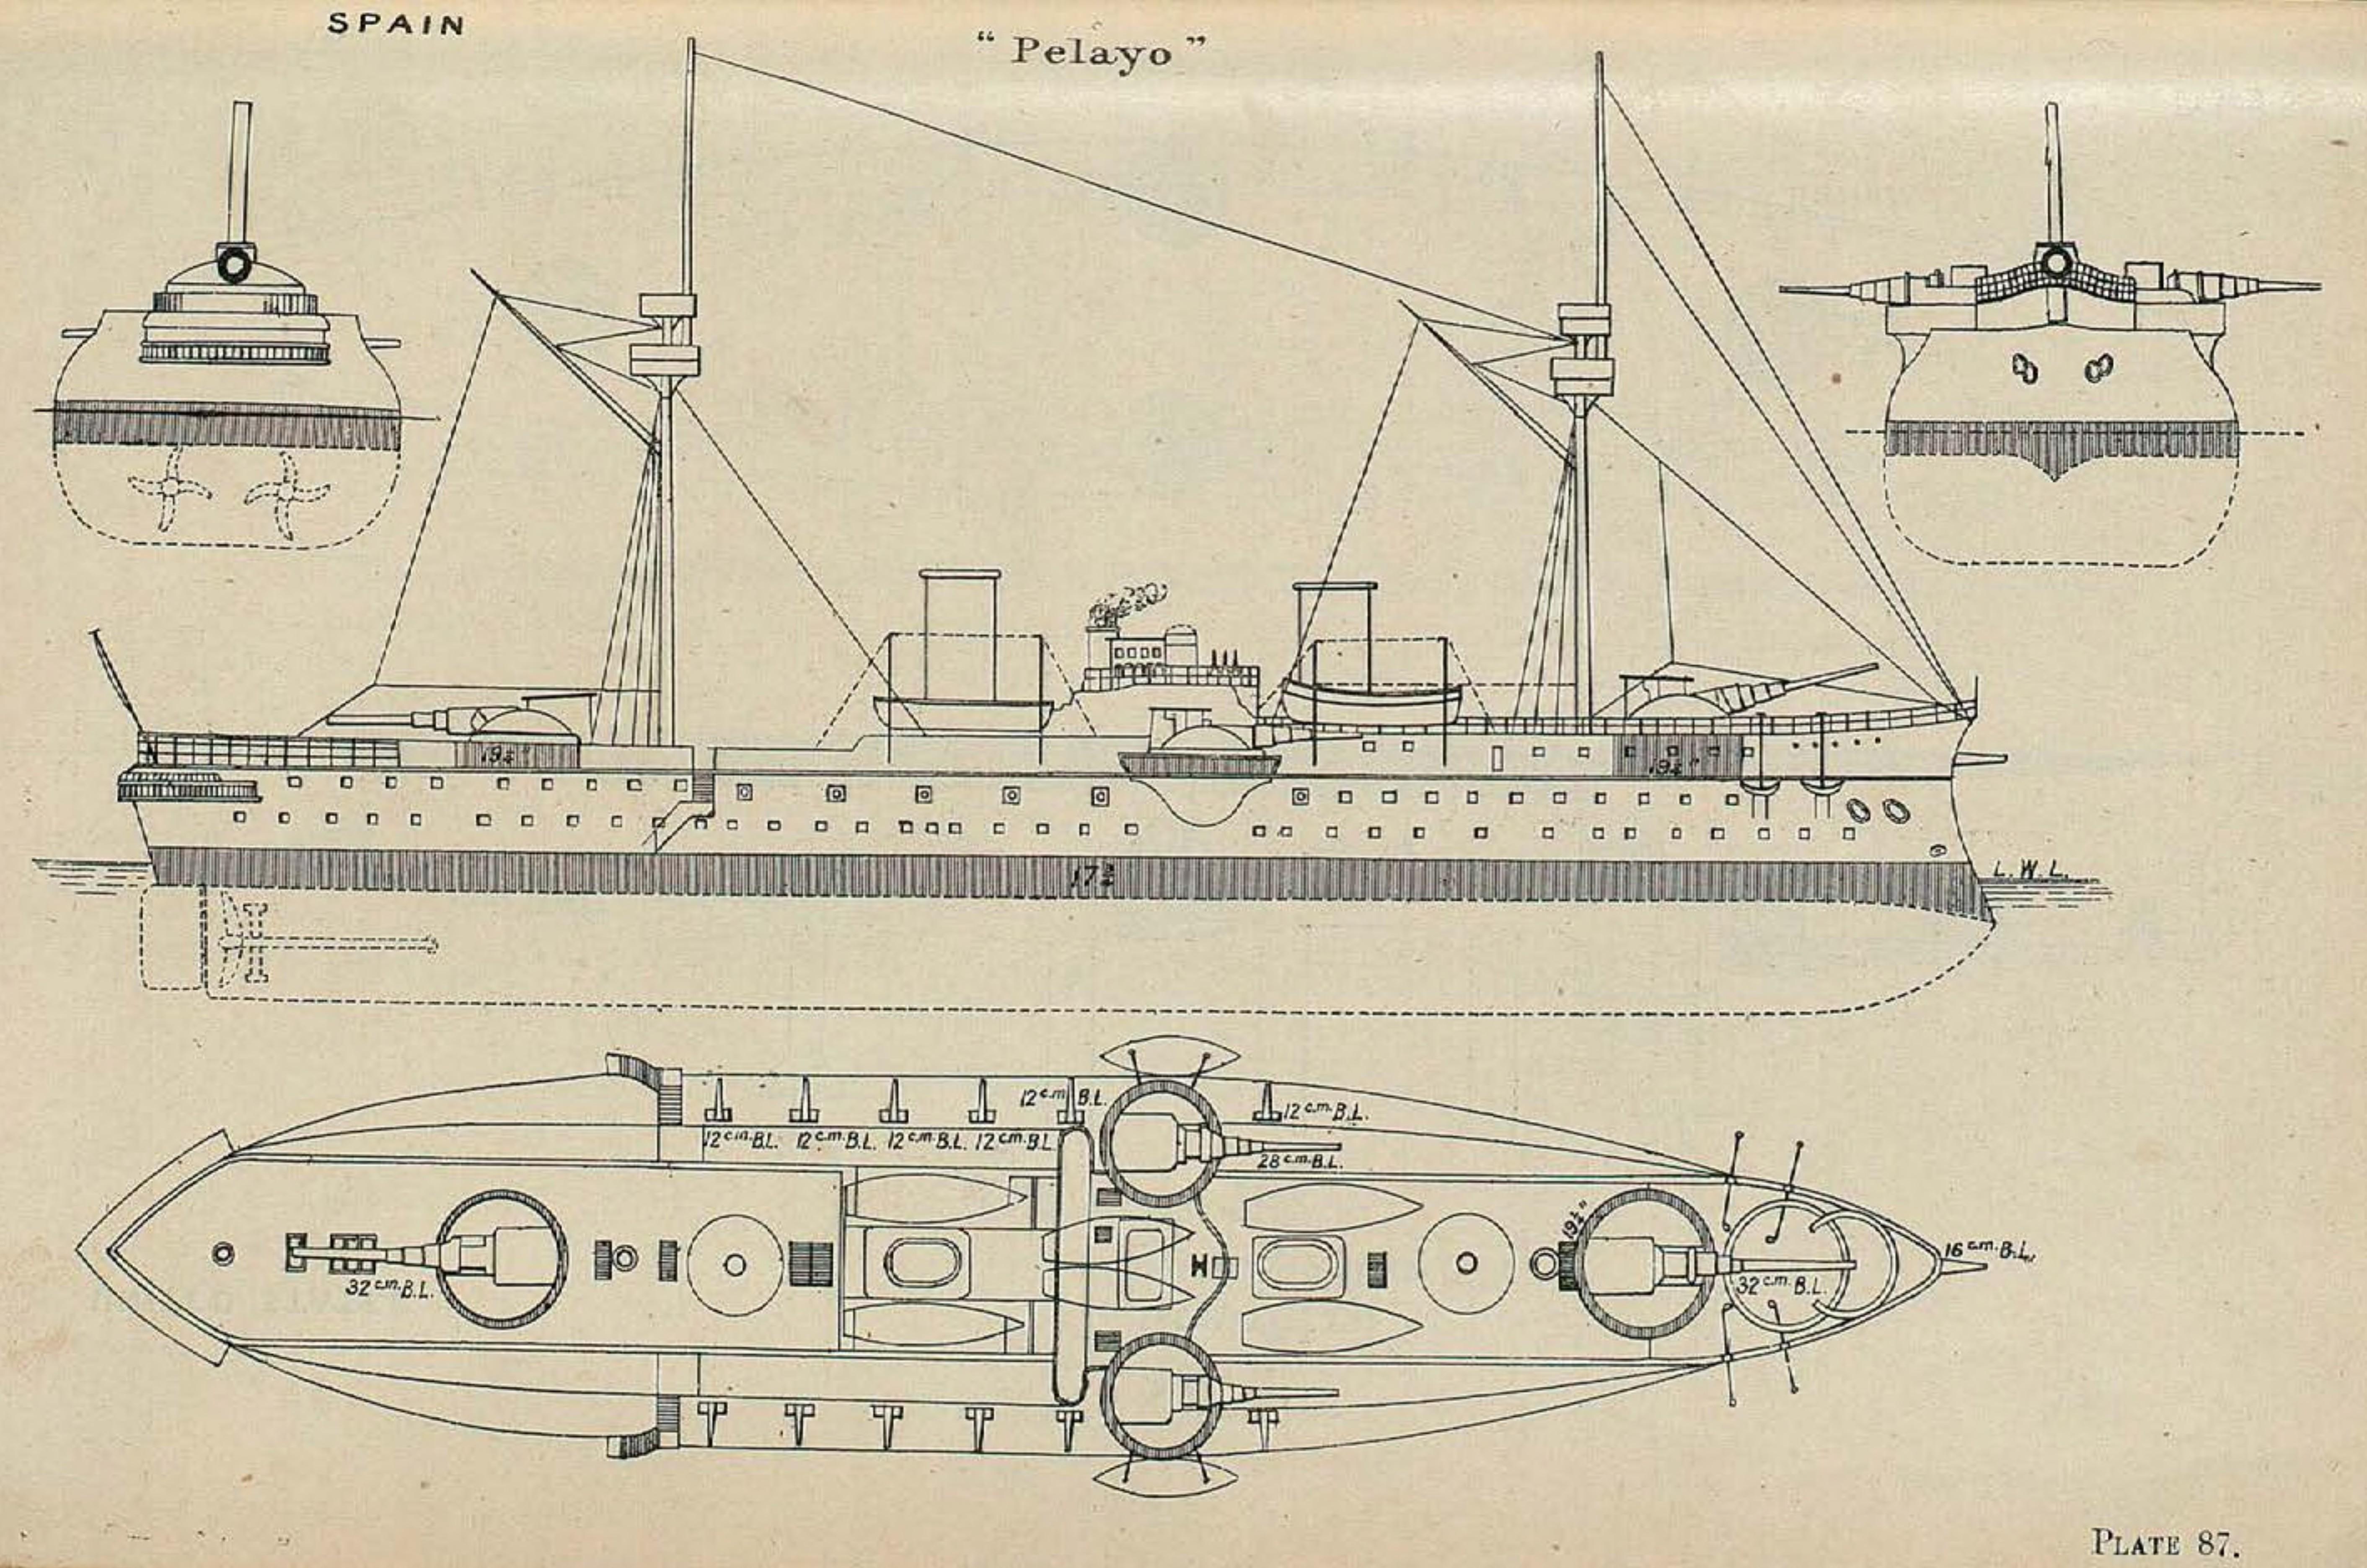 Spanish Battleship Pelayo